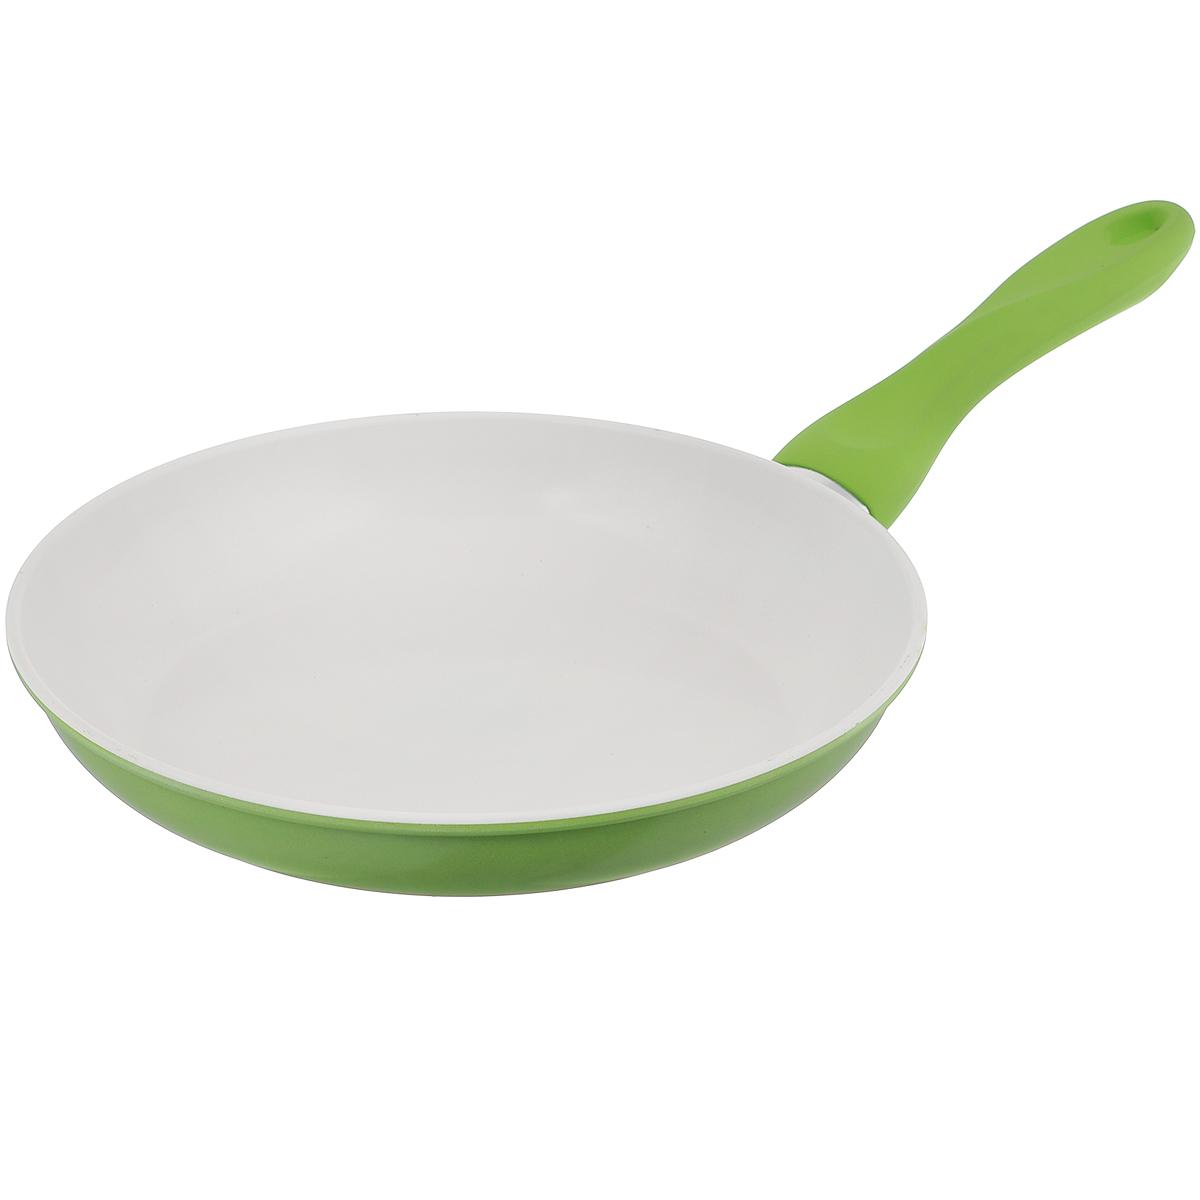 Сковорода Mayer & Boch, с керамическим покрытием, цвет: зеленый. Диаметр 26 см22229Сковорода Mayer & Boch изготовлена из углеродистой стали с высококачественным керамическим покрытием. Керамика не содержит вредных примесей ПФОК, что способствует здоровому и экологичному приготовлению пищи. Кроме того, с таким покрытием пища не пригорает и не прилипает к стенкам, поэтому можно готовить с минимальным добавлением масла и жиров. Гладкая, идеально ровная поверхность сковороды легко чистится, ее можно мыть в воде руками или вытирать полотенцем. Эргономичная ручка специального дизайна выполнена из бакелита с силиконовым покрытием. Сковорода подходит для использования на газовых и электрических плитах. Можно мыть в посудомоечной машине. Диаметр по верхнему краю: 26 см. Высота стенки: 4,5 см. Толщина стенки: 1,2 мм. Толщина дна: 2 мм. Длина ручки: 19 см.